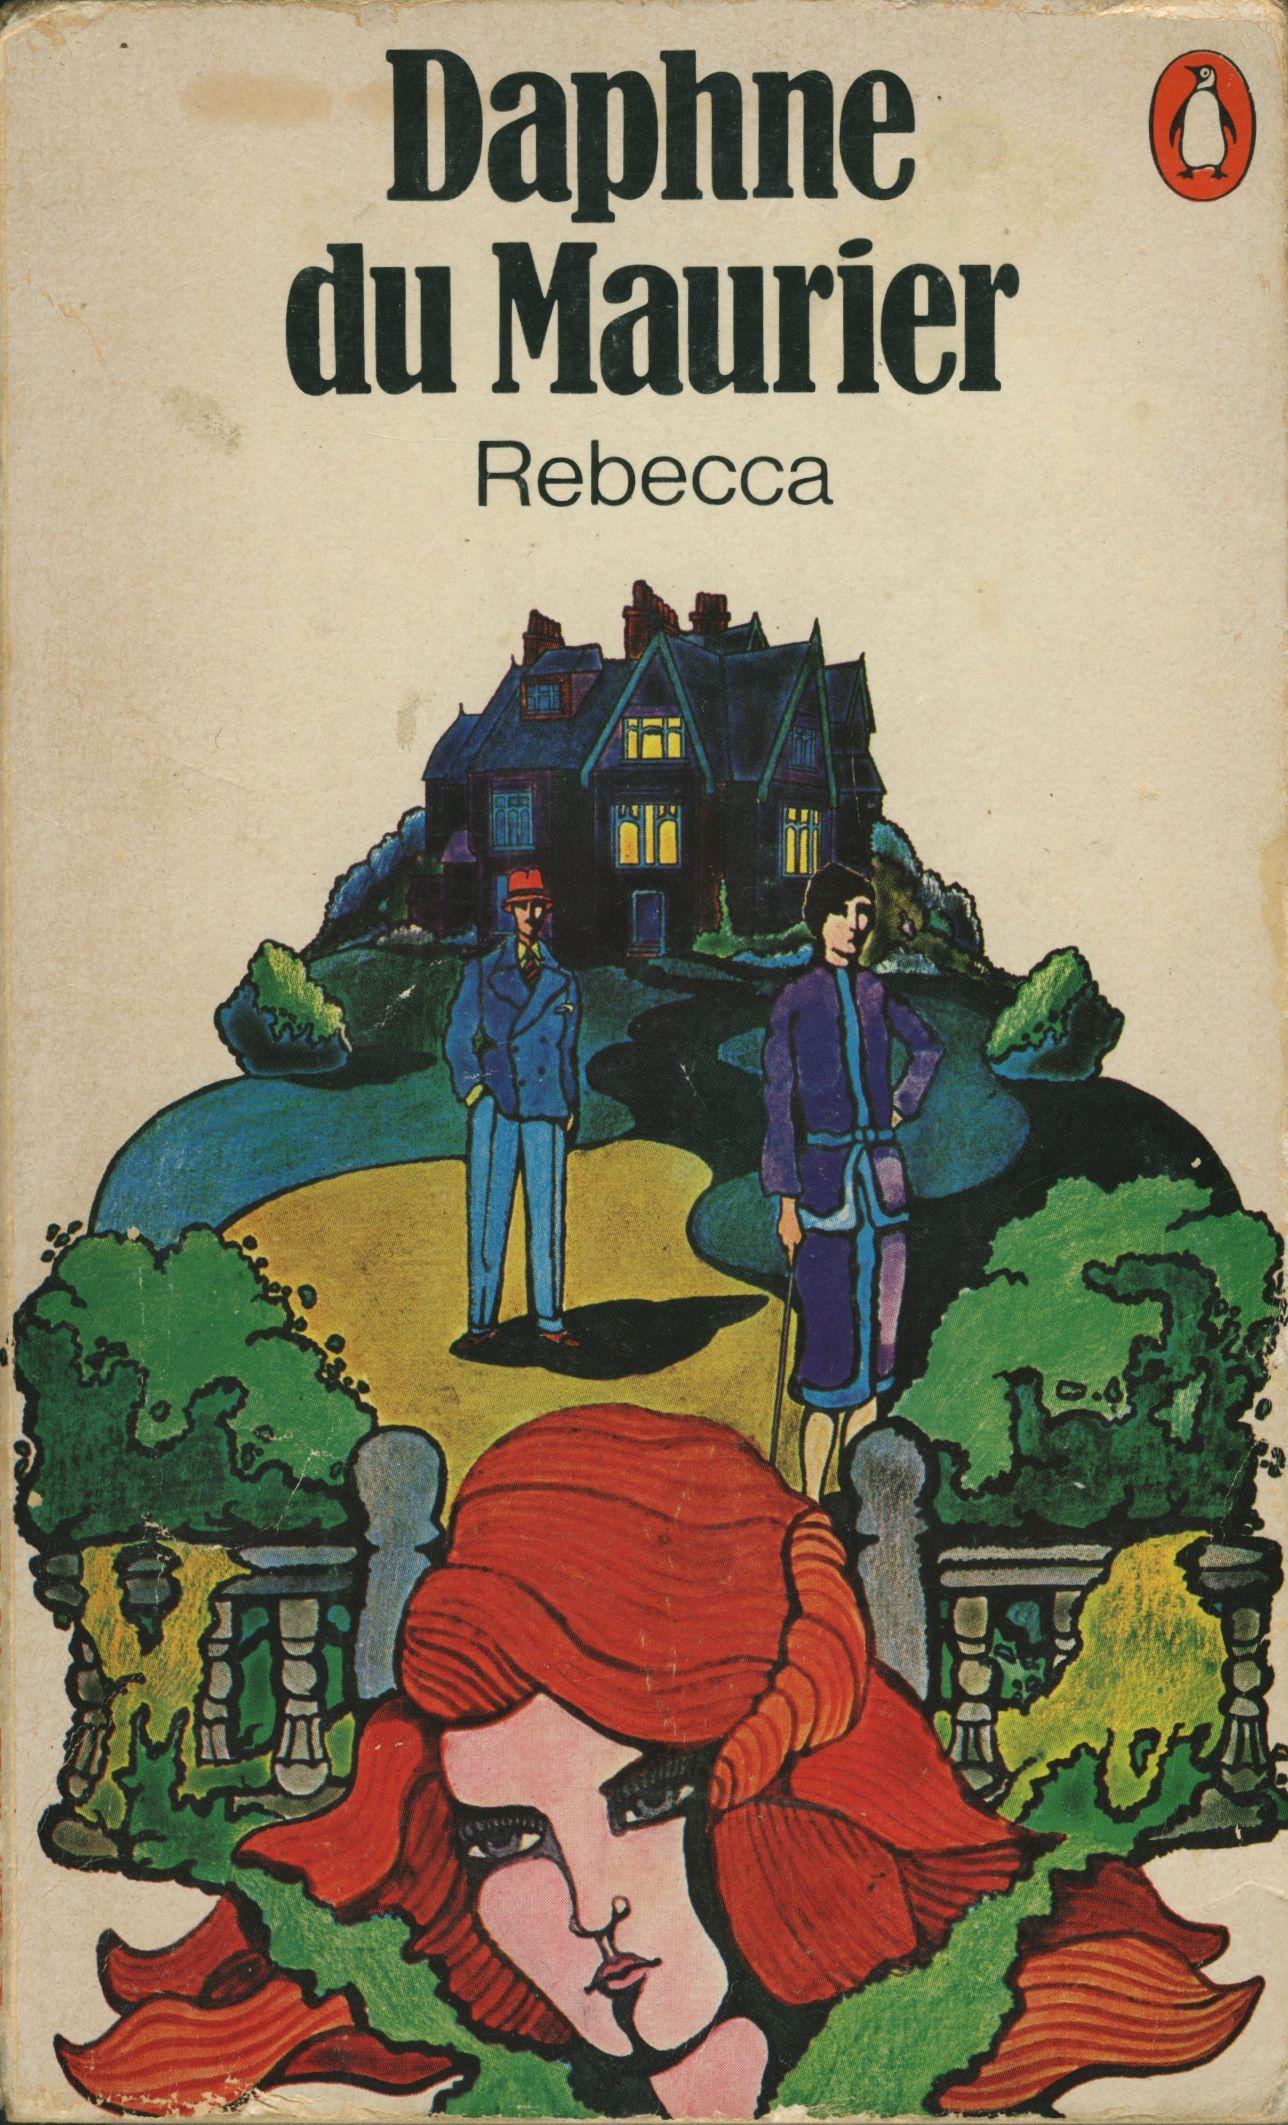 Rebecca daphne du maurier thesis